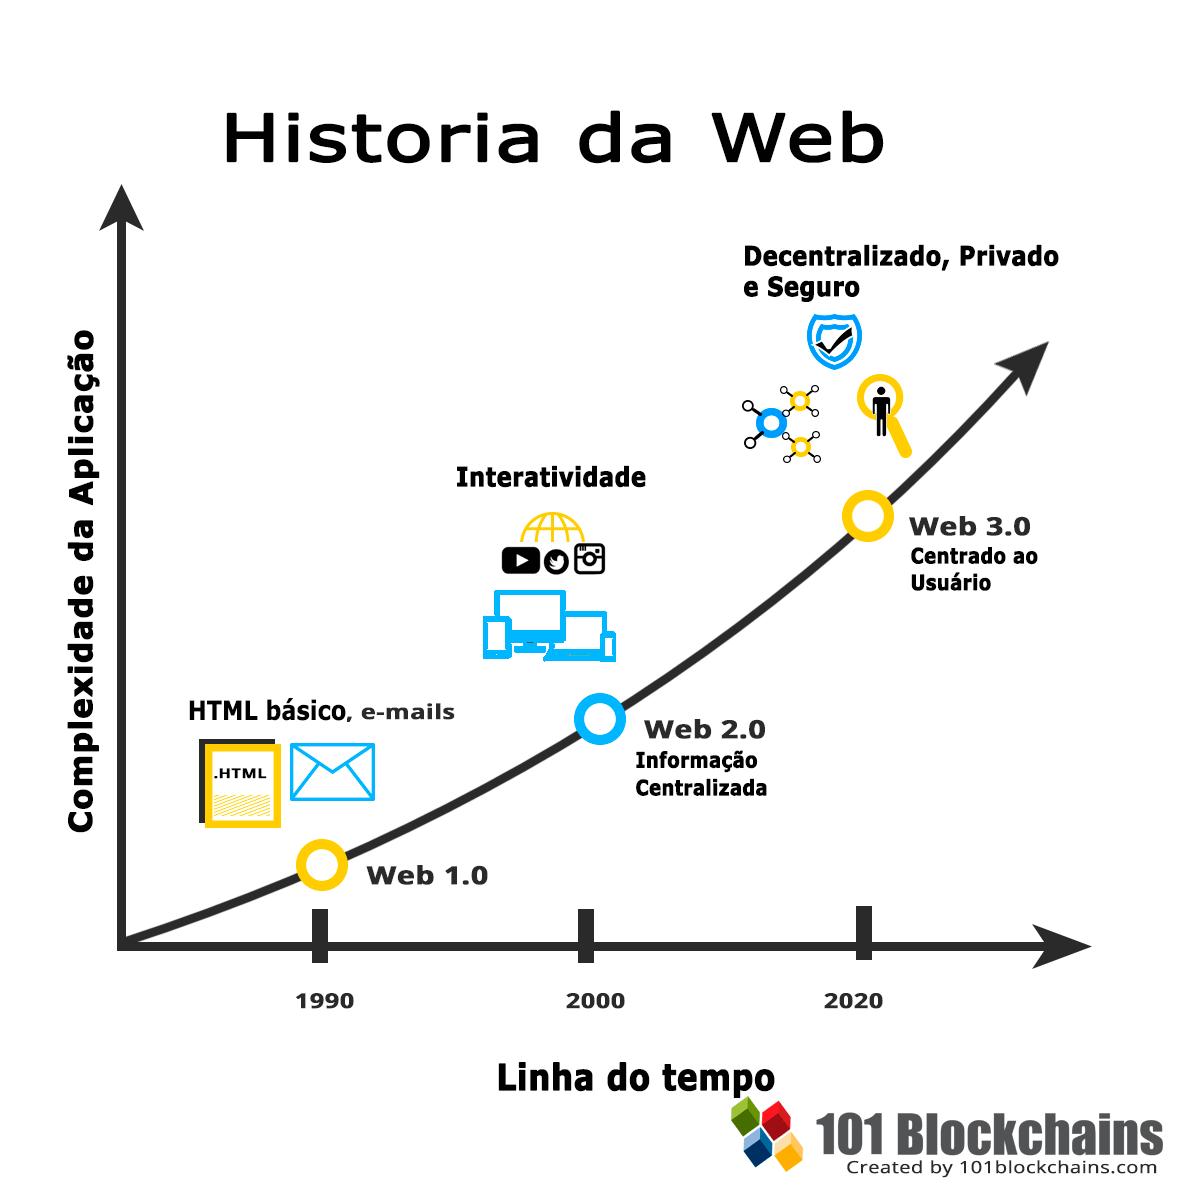 História da Web